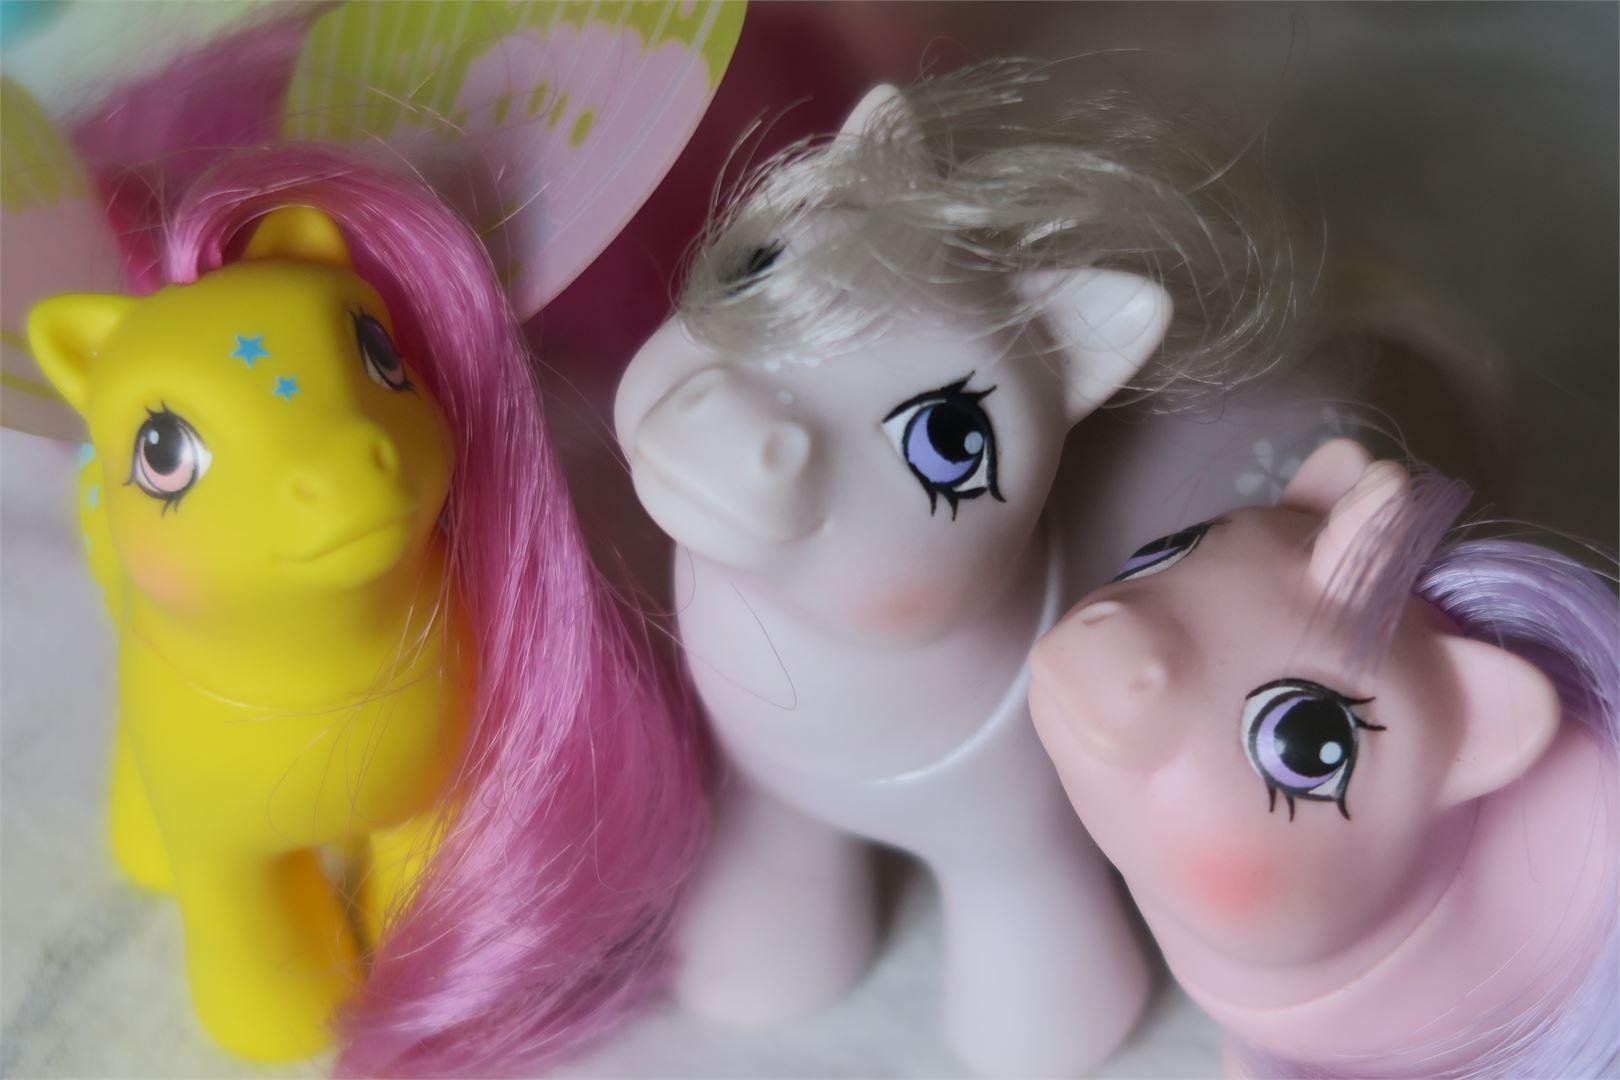 Yleensä Sannin ponit saivat nimensä peffakuvan mukaan. Lehmä lentää oli yksi erikoisimmista nimistä.